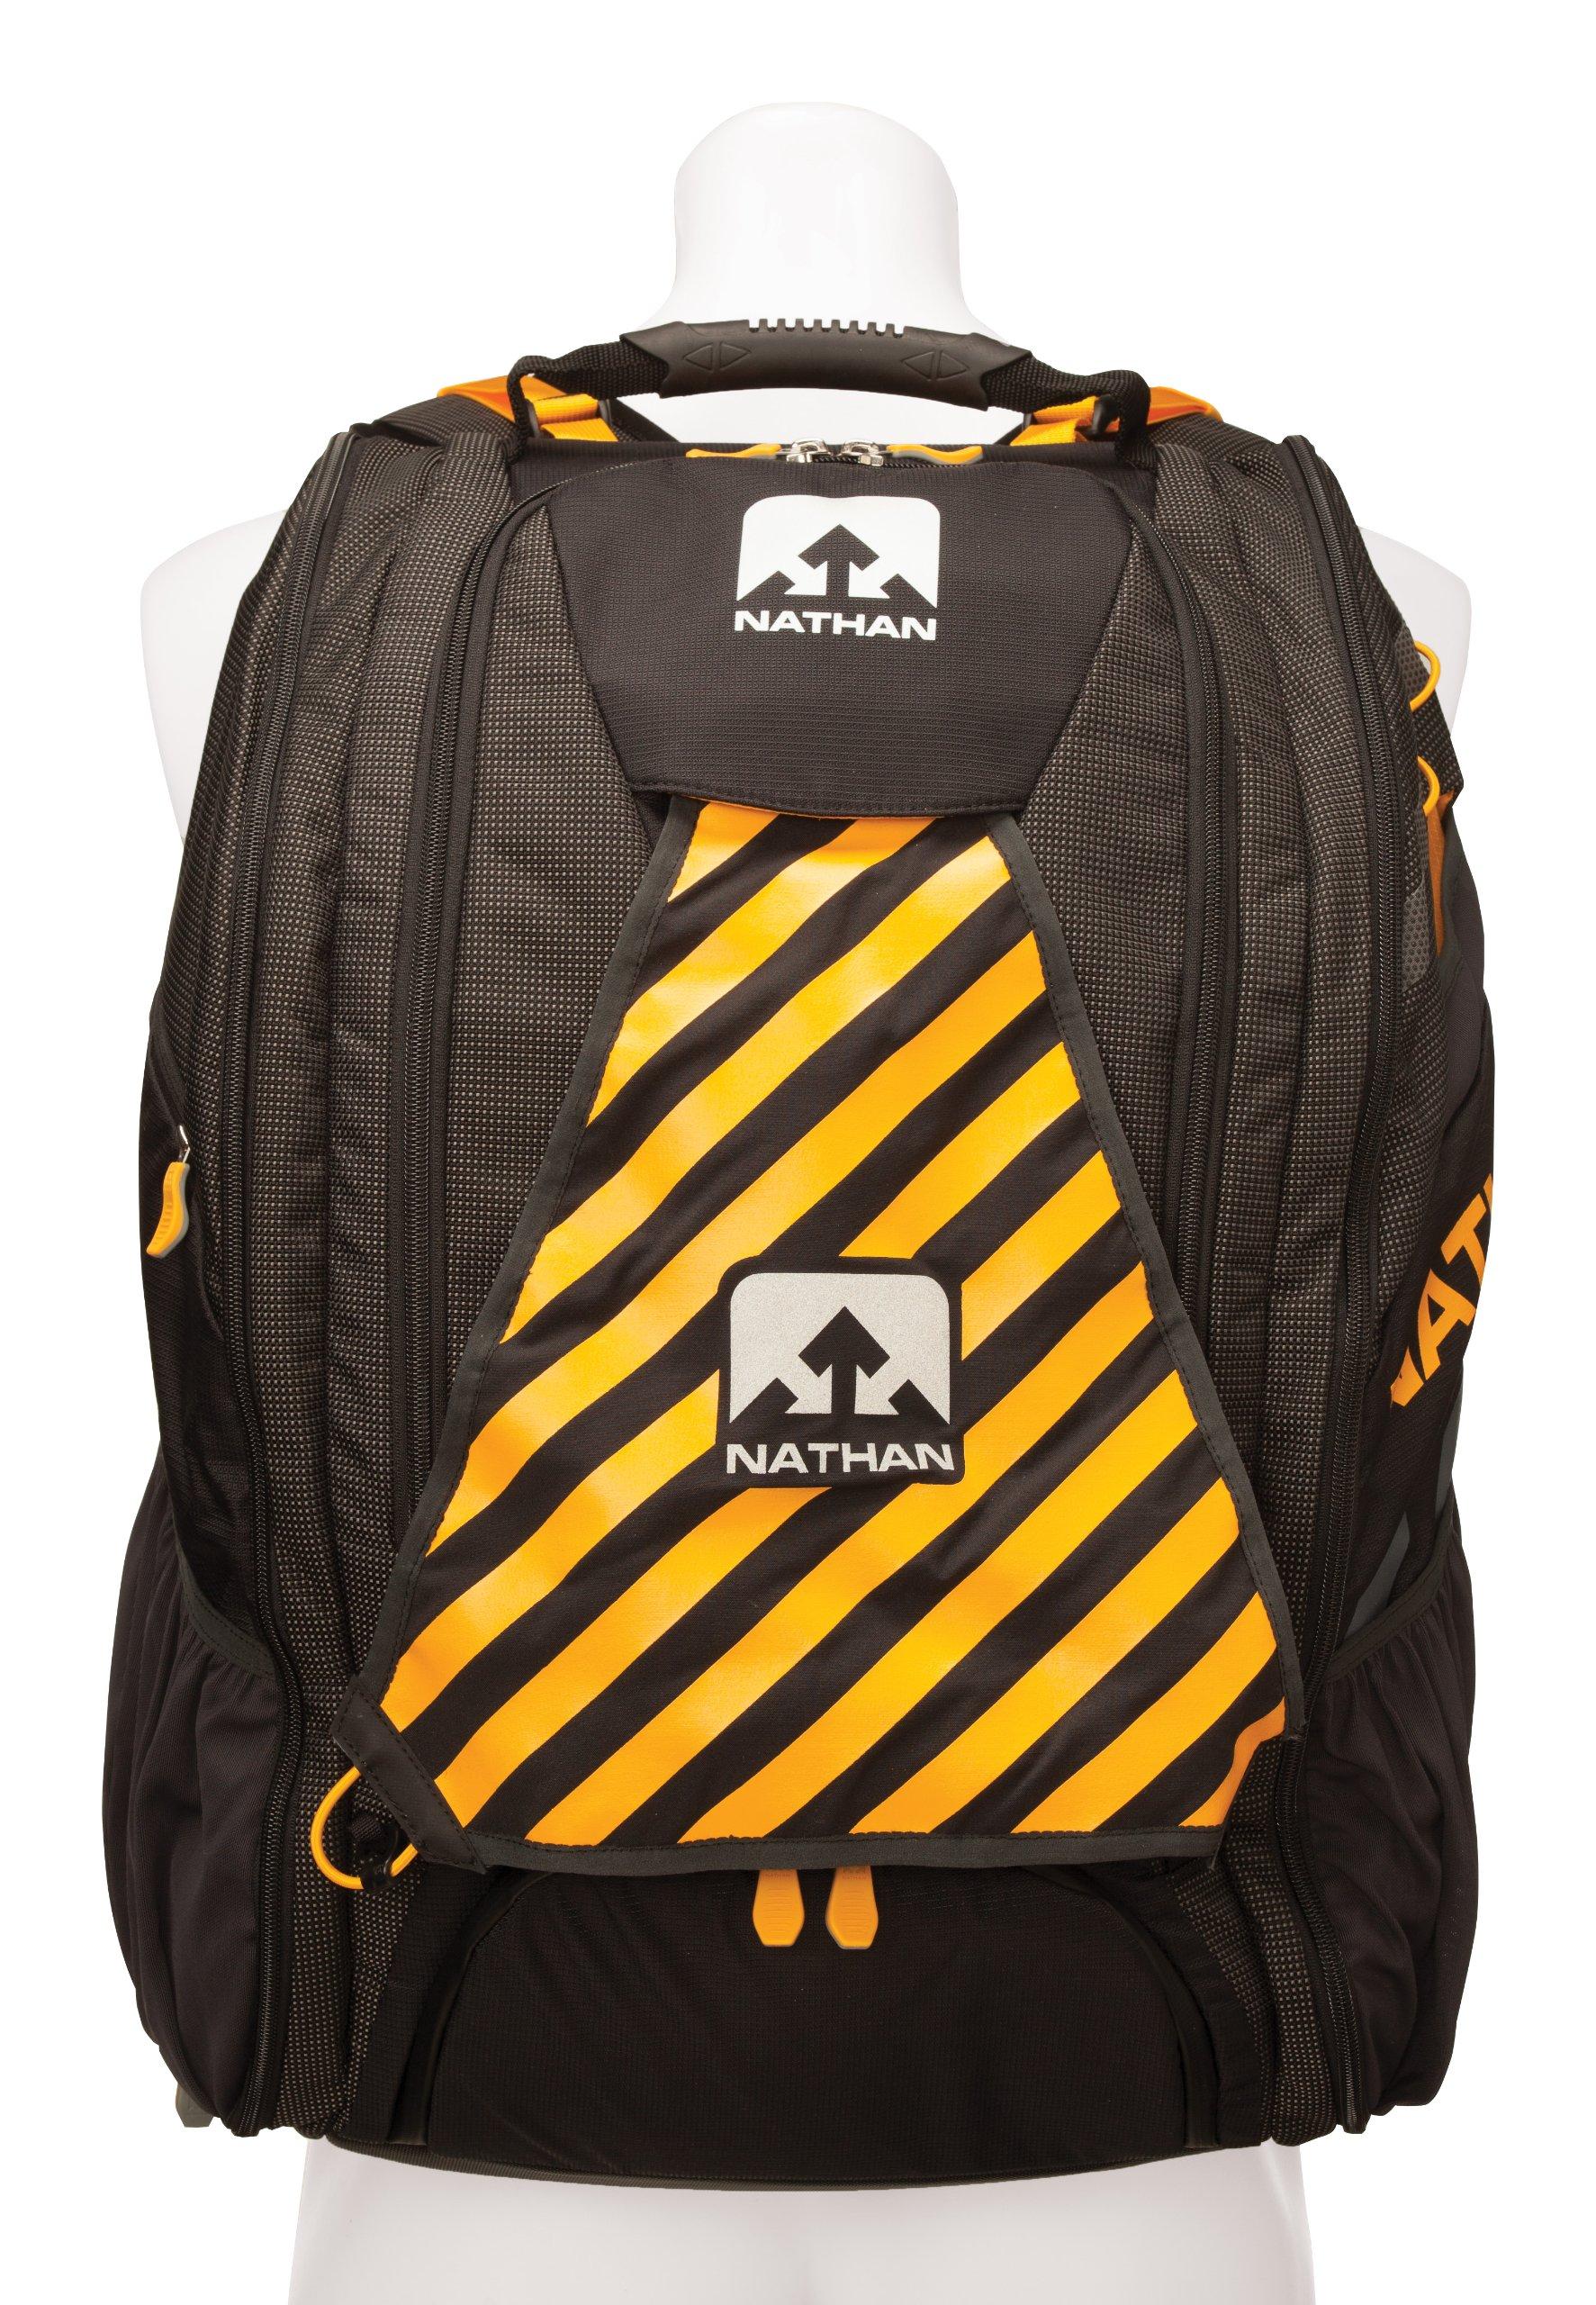 Nathan Mission Control Bag, Black